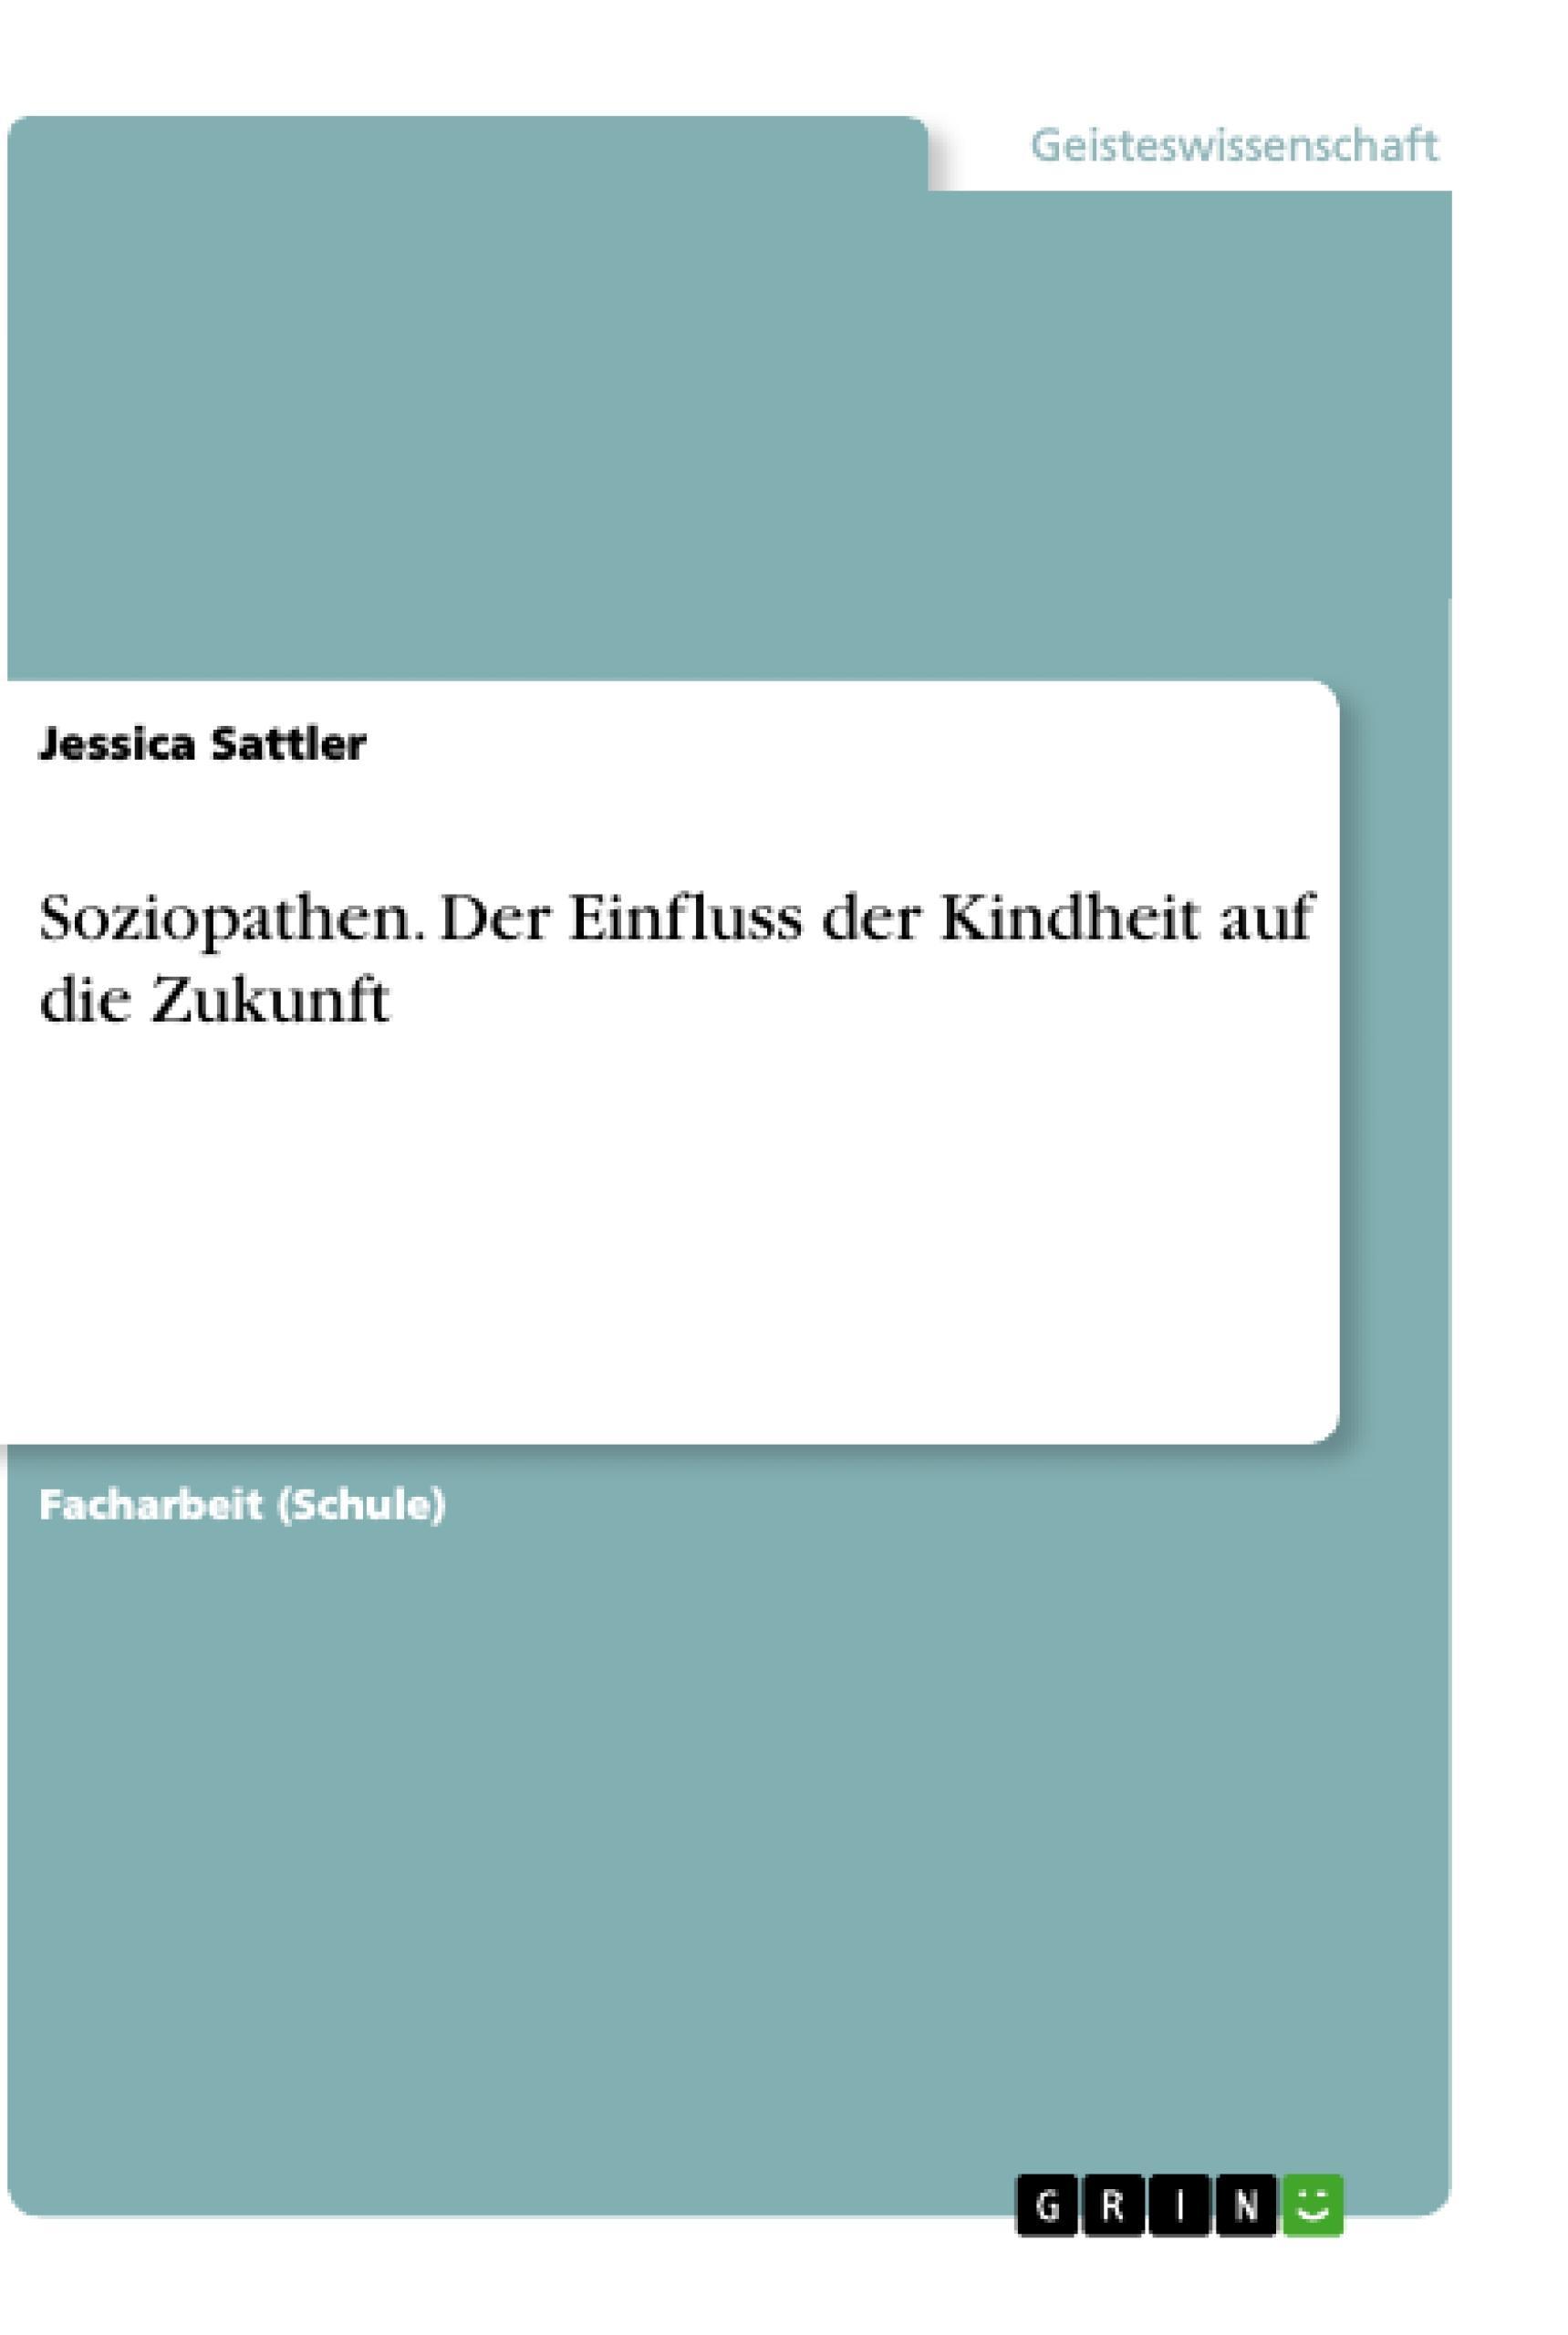 Soziopathen. Der Einfluss der Kindheit auf die Zukunft  Jessica Sattler  Taschenbuch  Paperback  Deutsch  2019 - Sattler, Jessica